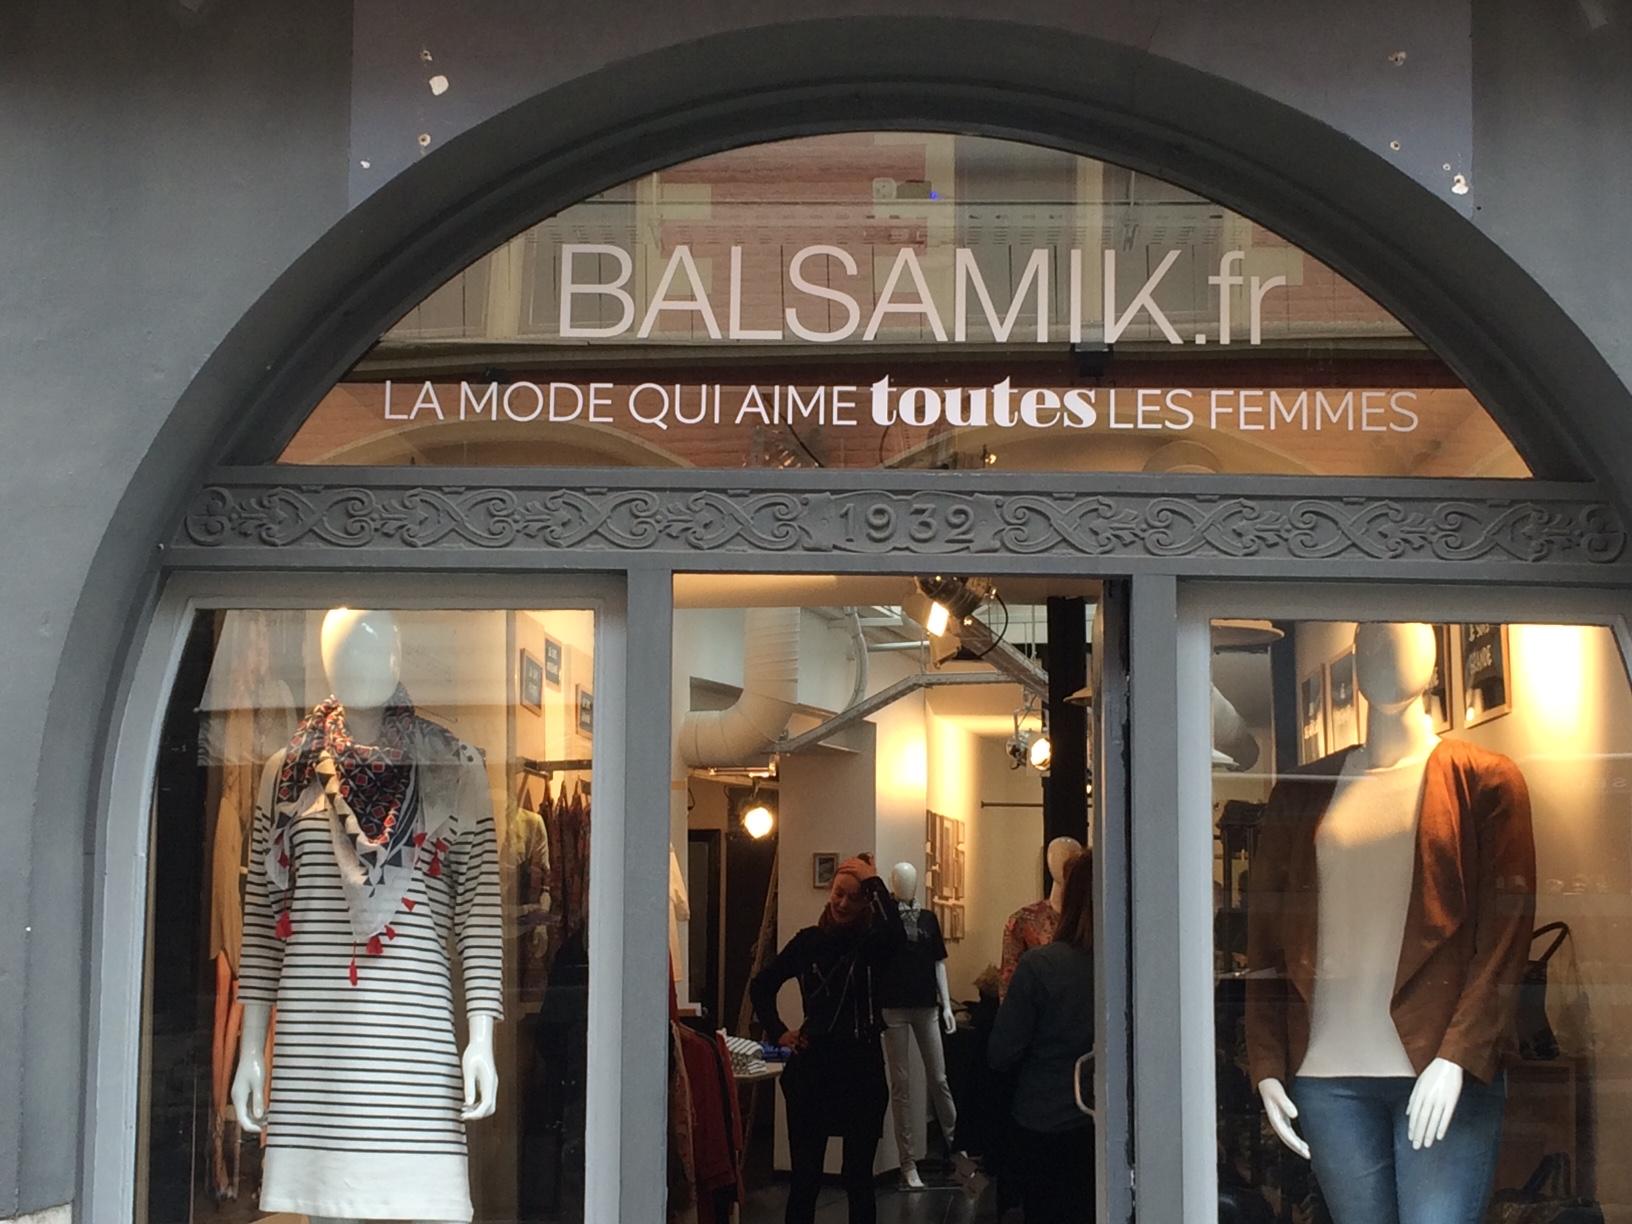 Boutique Balsamik en plein coeur du vieux Lille